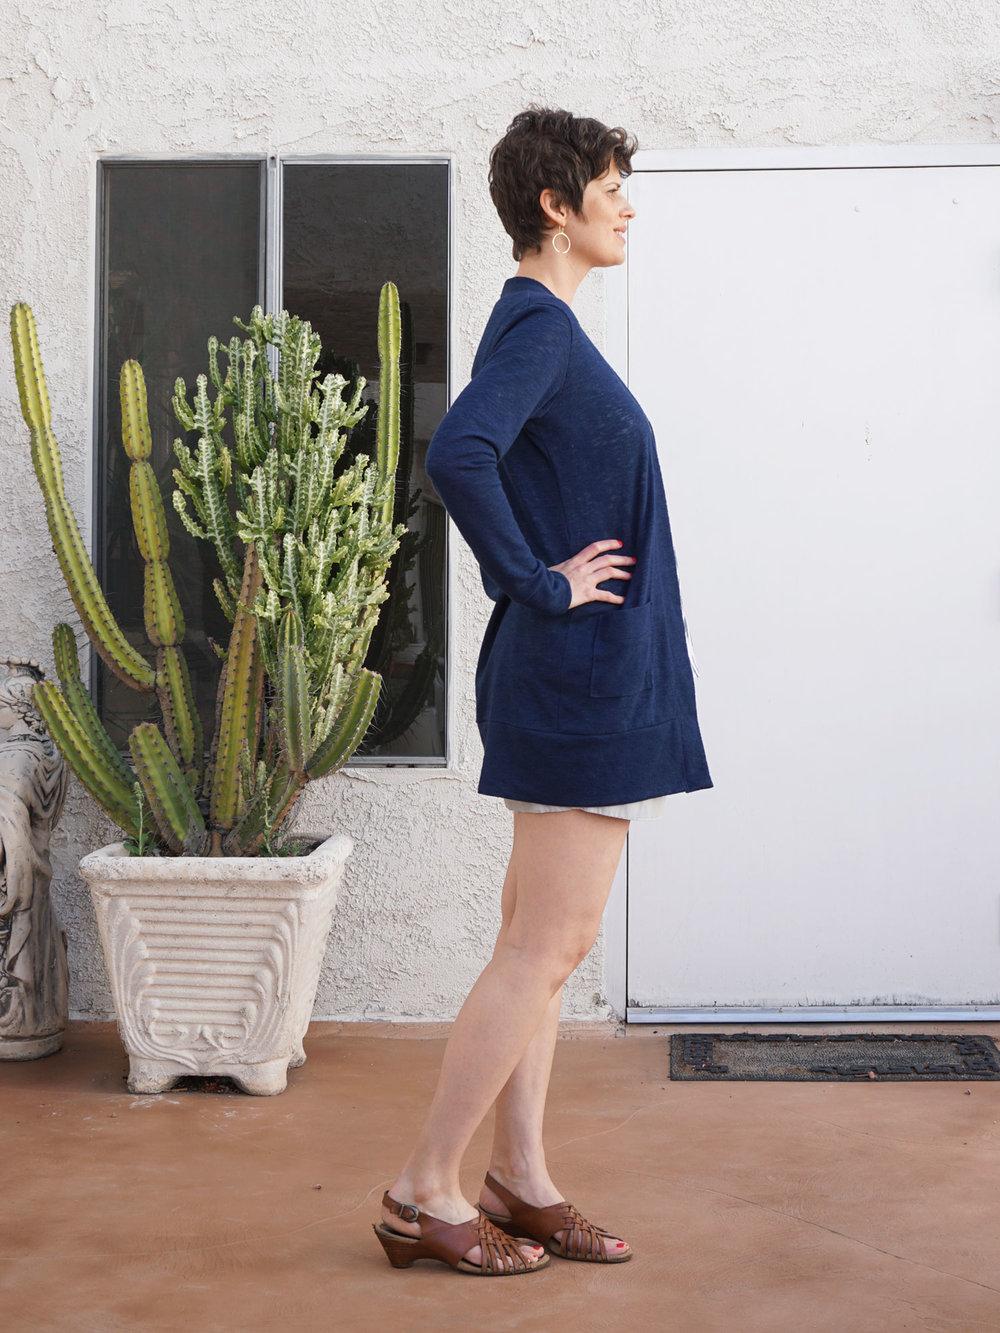 DIY Long Everyday Cardigan | Sew DIY